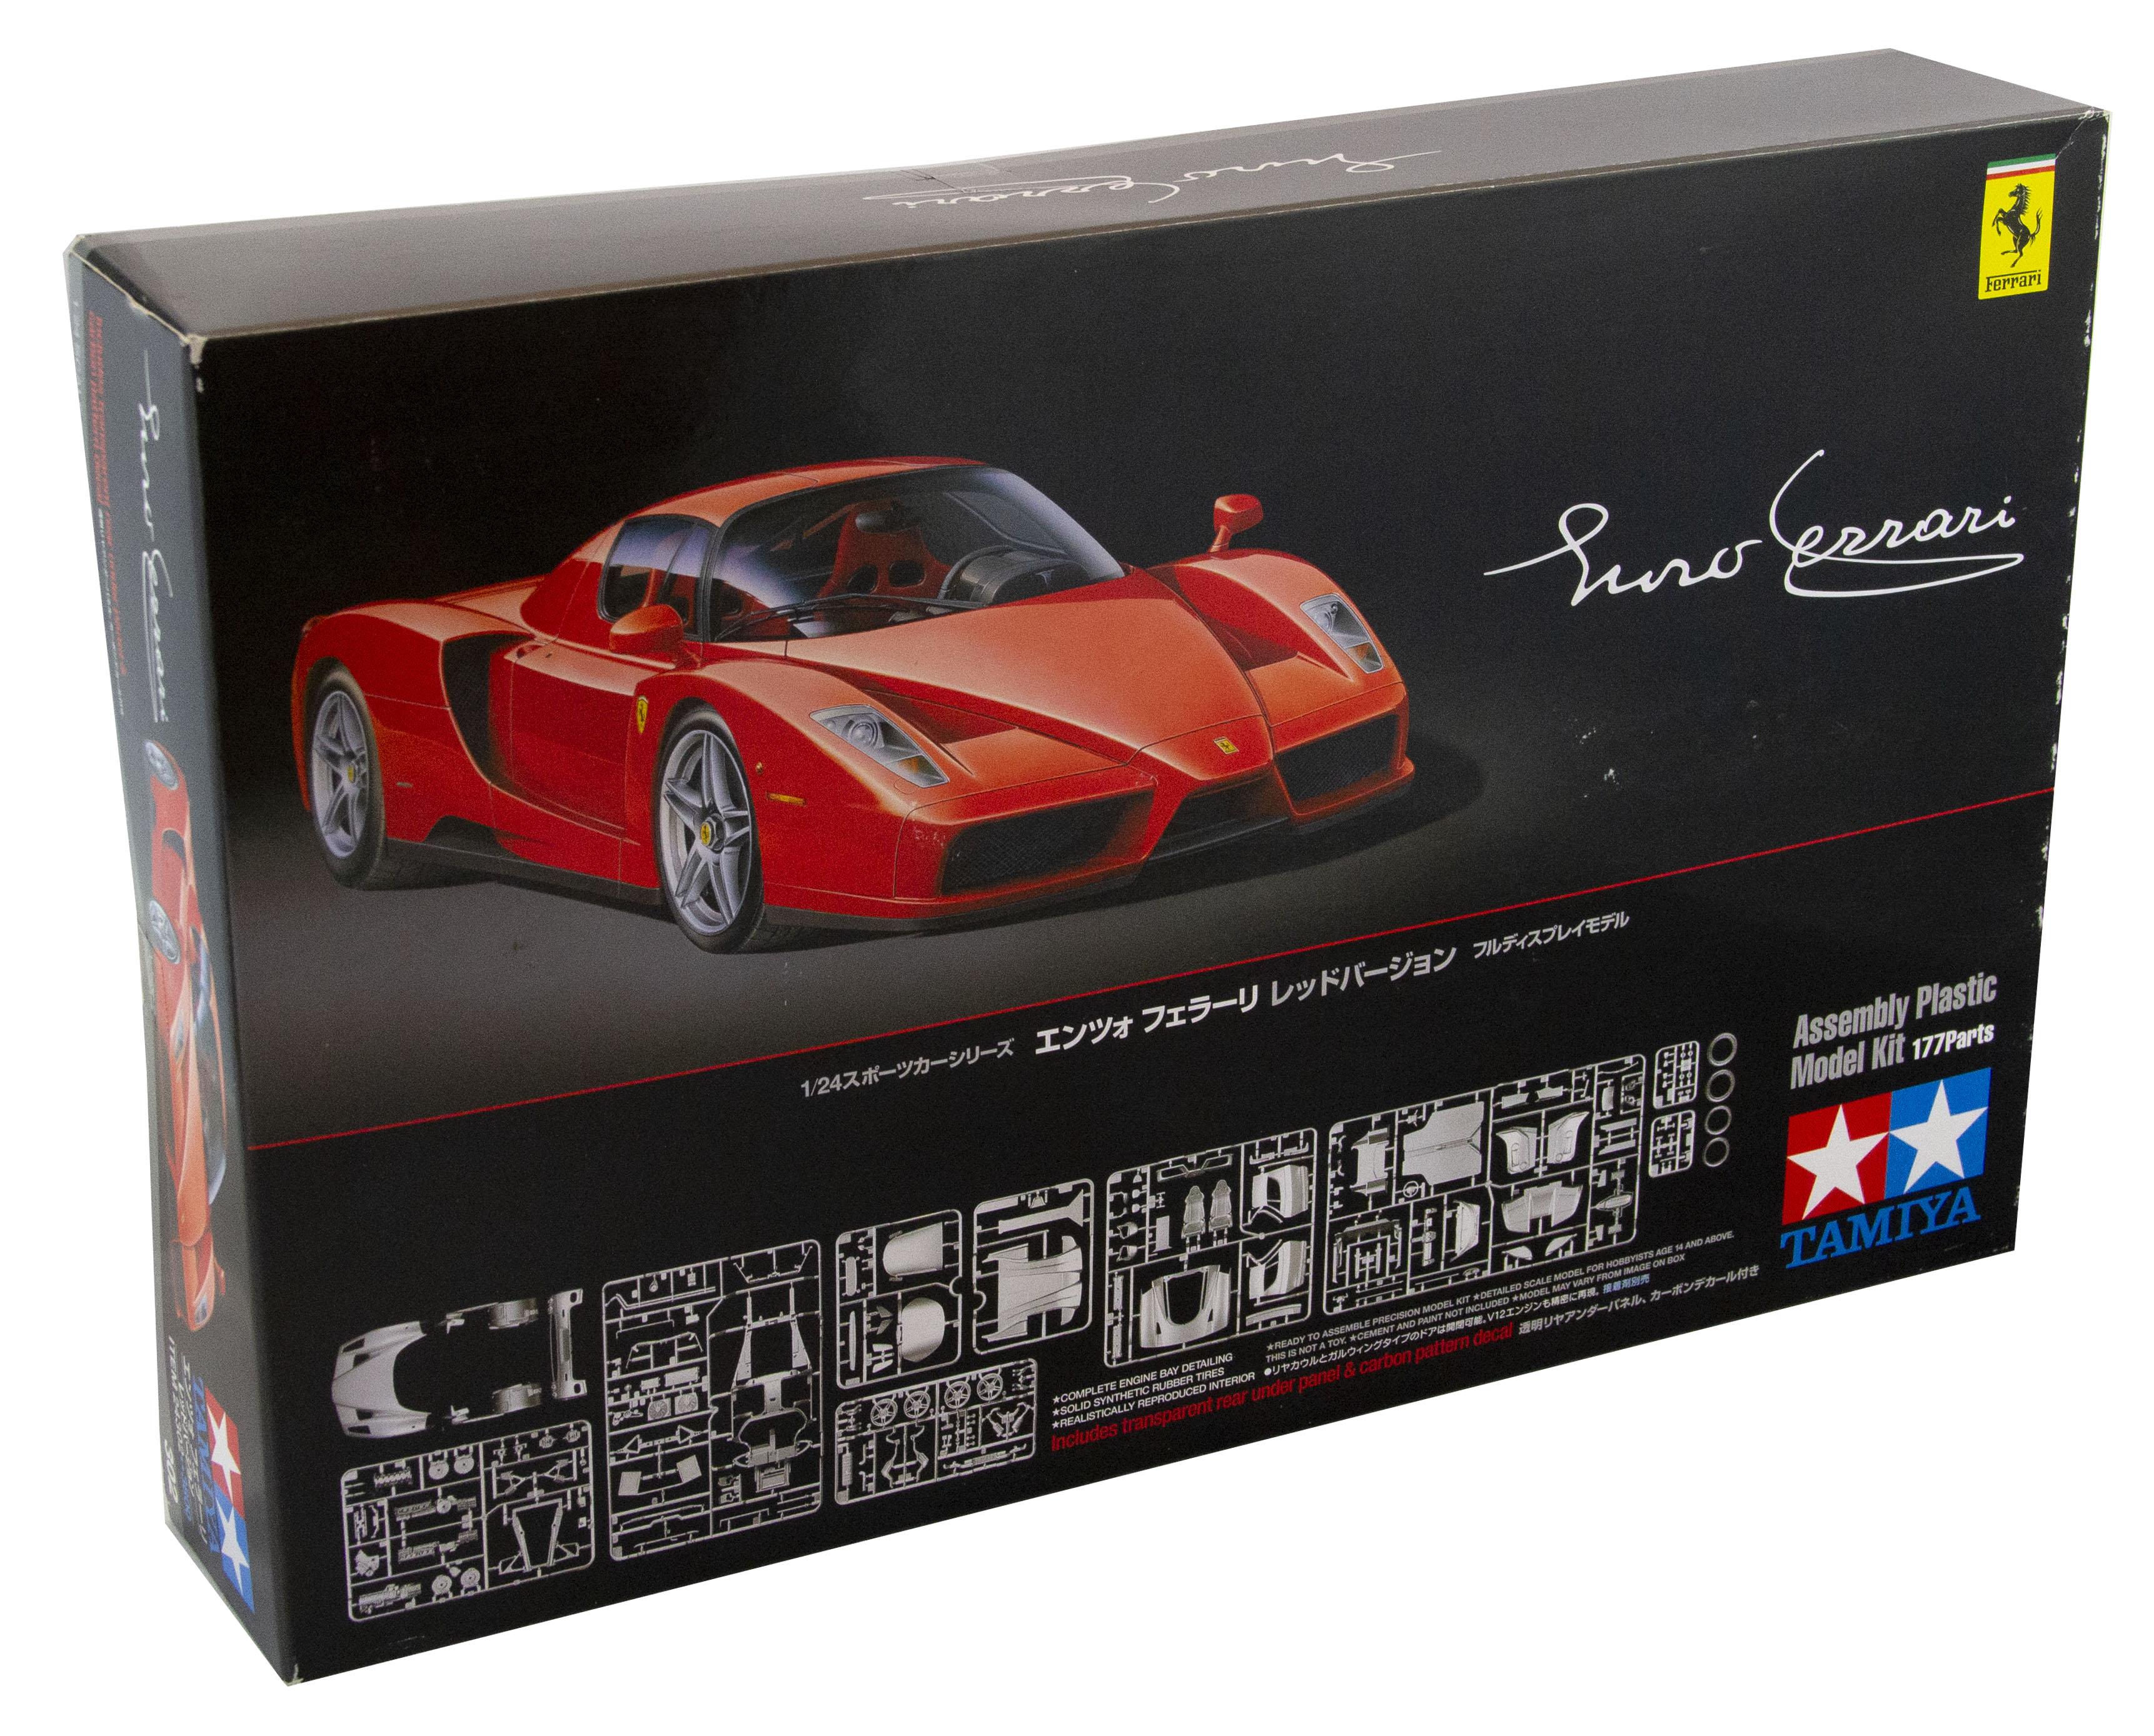 Ferrari Enzo Ferrari 1/24 Scale Model Kit